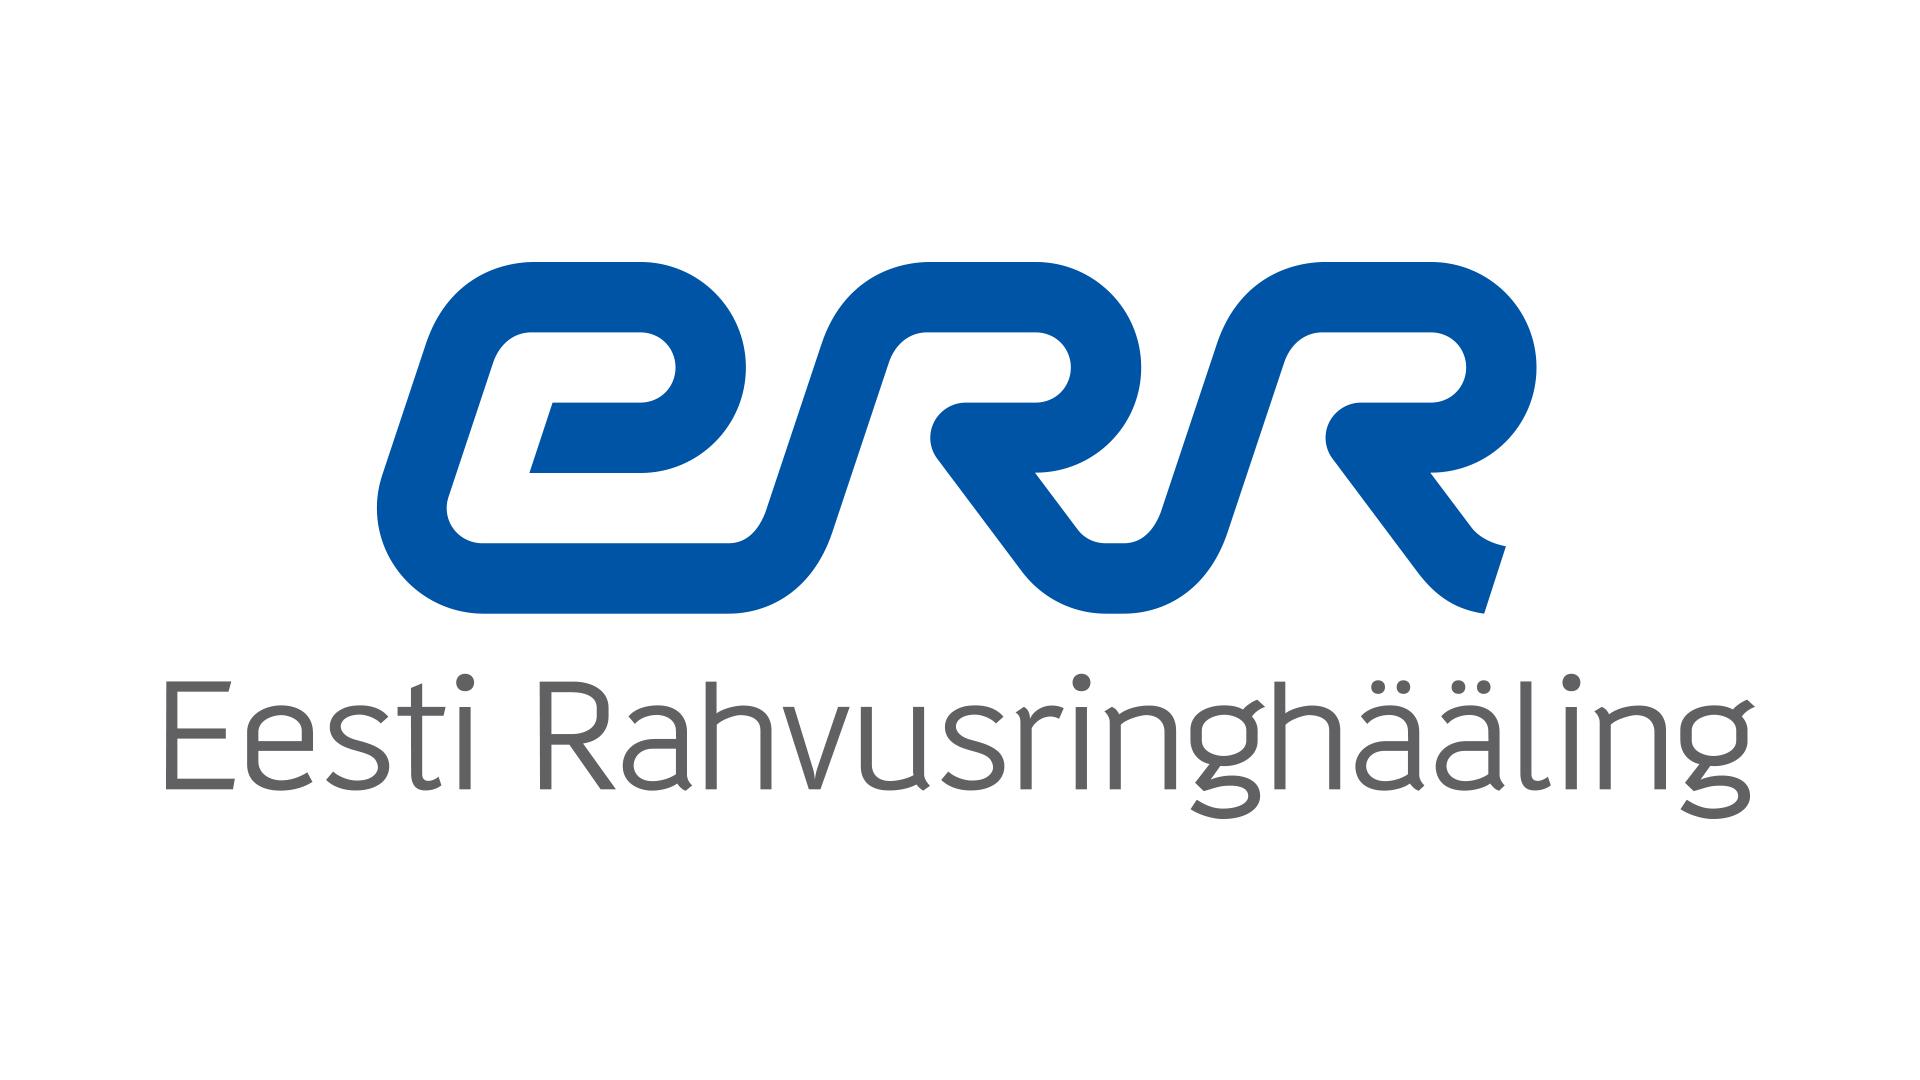 aefe95f5284 Põlva maavanema sõnul ei vasta maanteeameti otsus riigireformi suurele  plaanile | Eesti | ERR